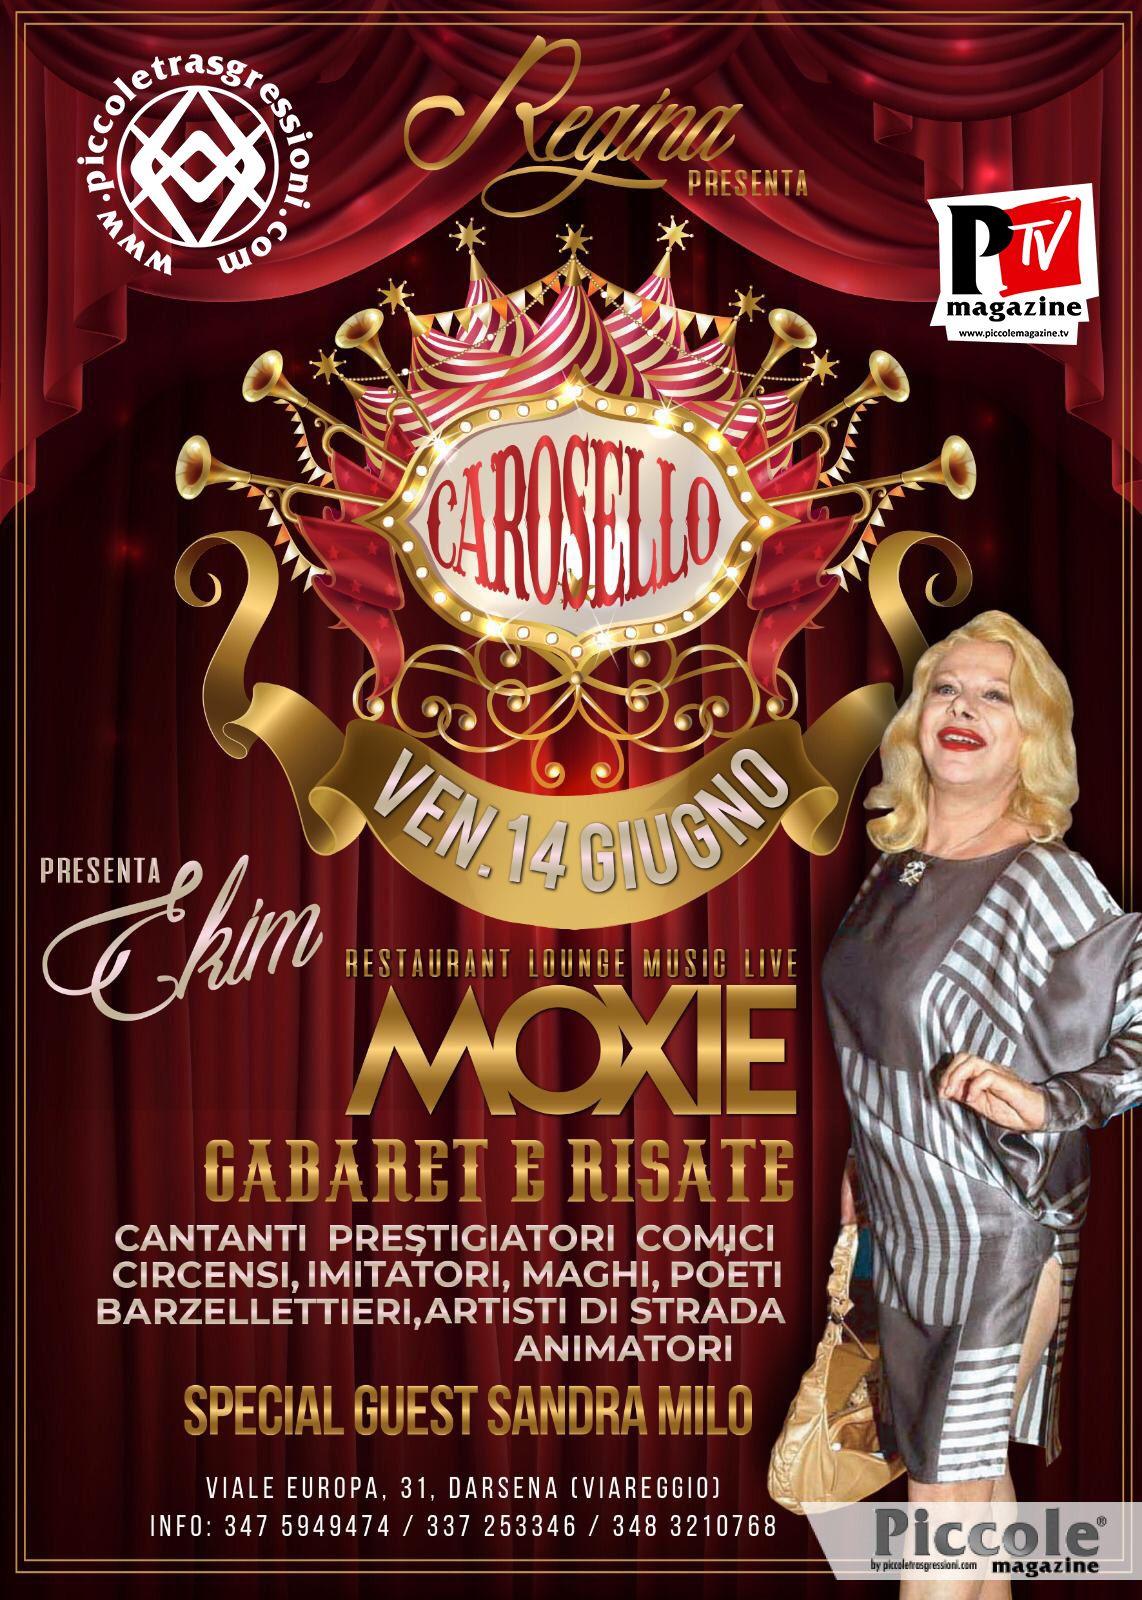 Ekim vi aspetta stasera alla nuova serata del Moxie di Viareggio